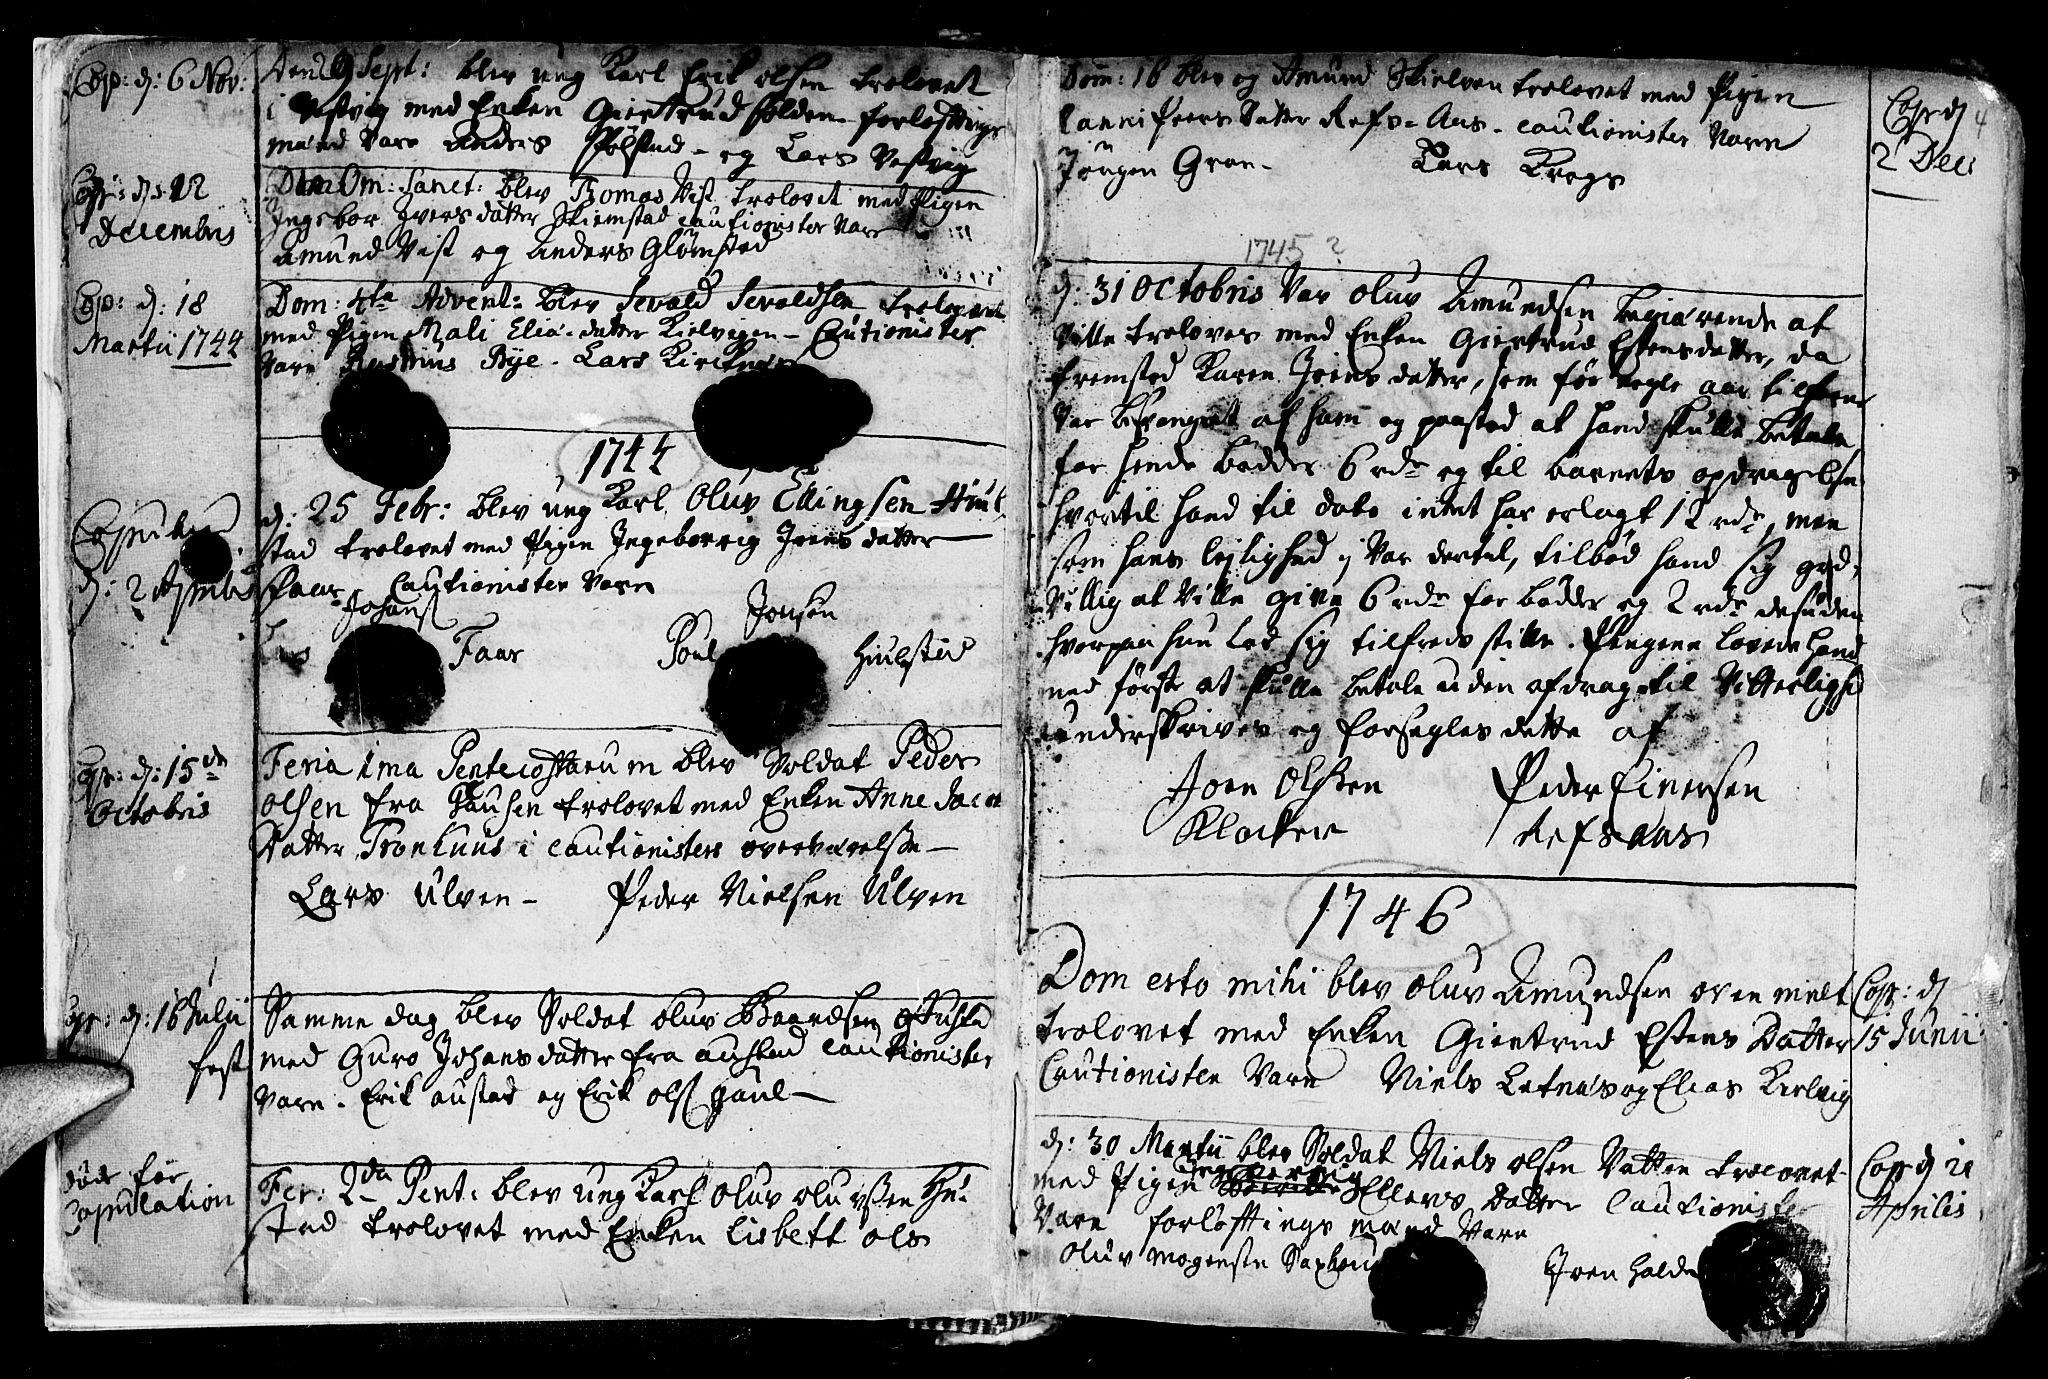 SAT, Ministerialprotokoller, klokkerbøker og fødselsregistre - Nord-Trøndelag, 730/L0272: Ministerialbok nr. 730A01, 1733-1764, s. 4